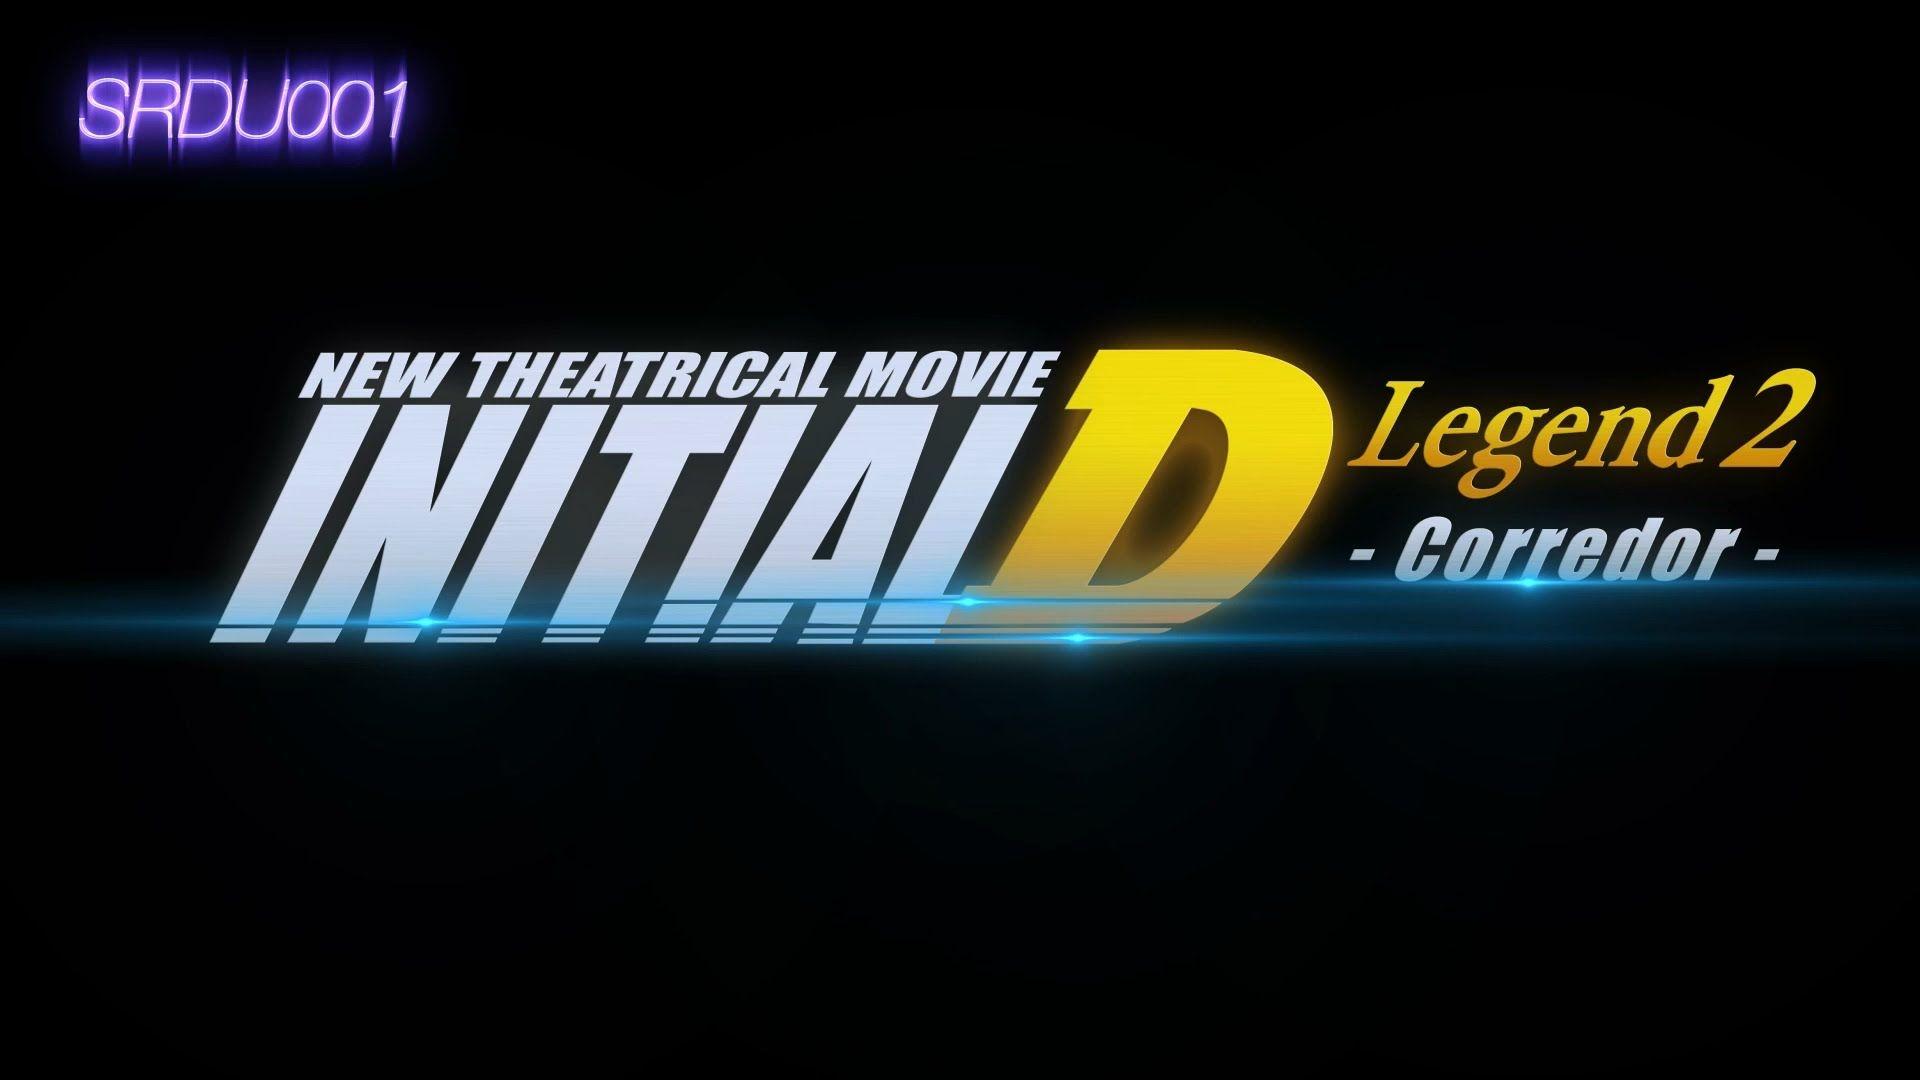 New Initial D Movie Legend 2 Corredor Sub Español En 2019